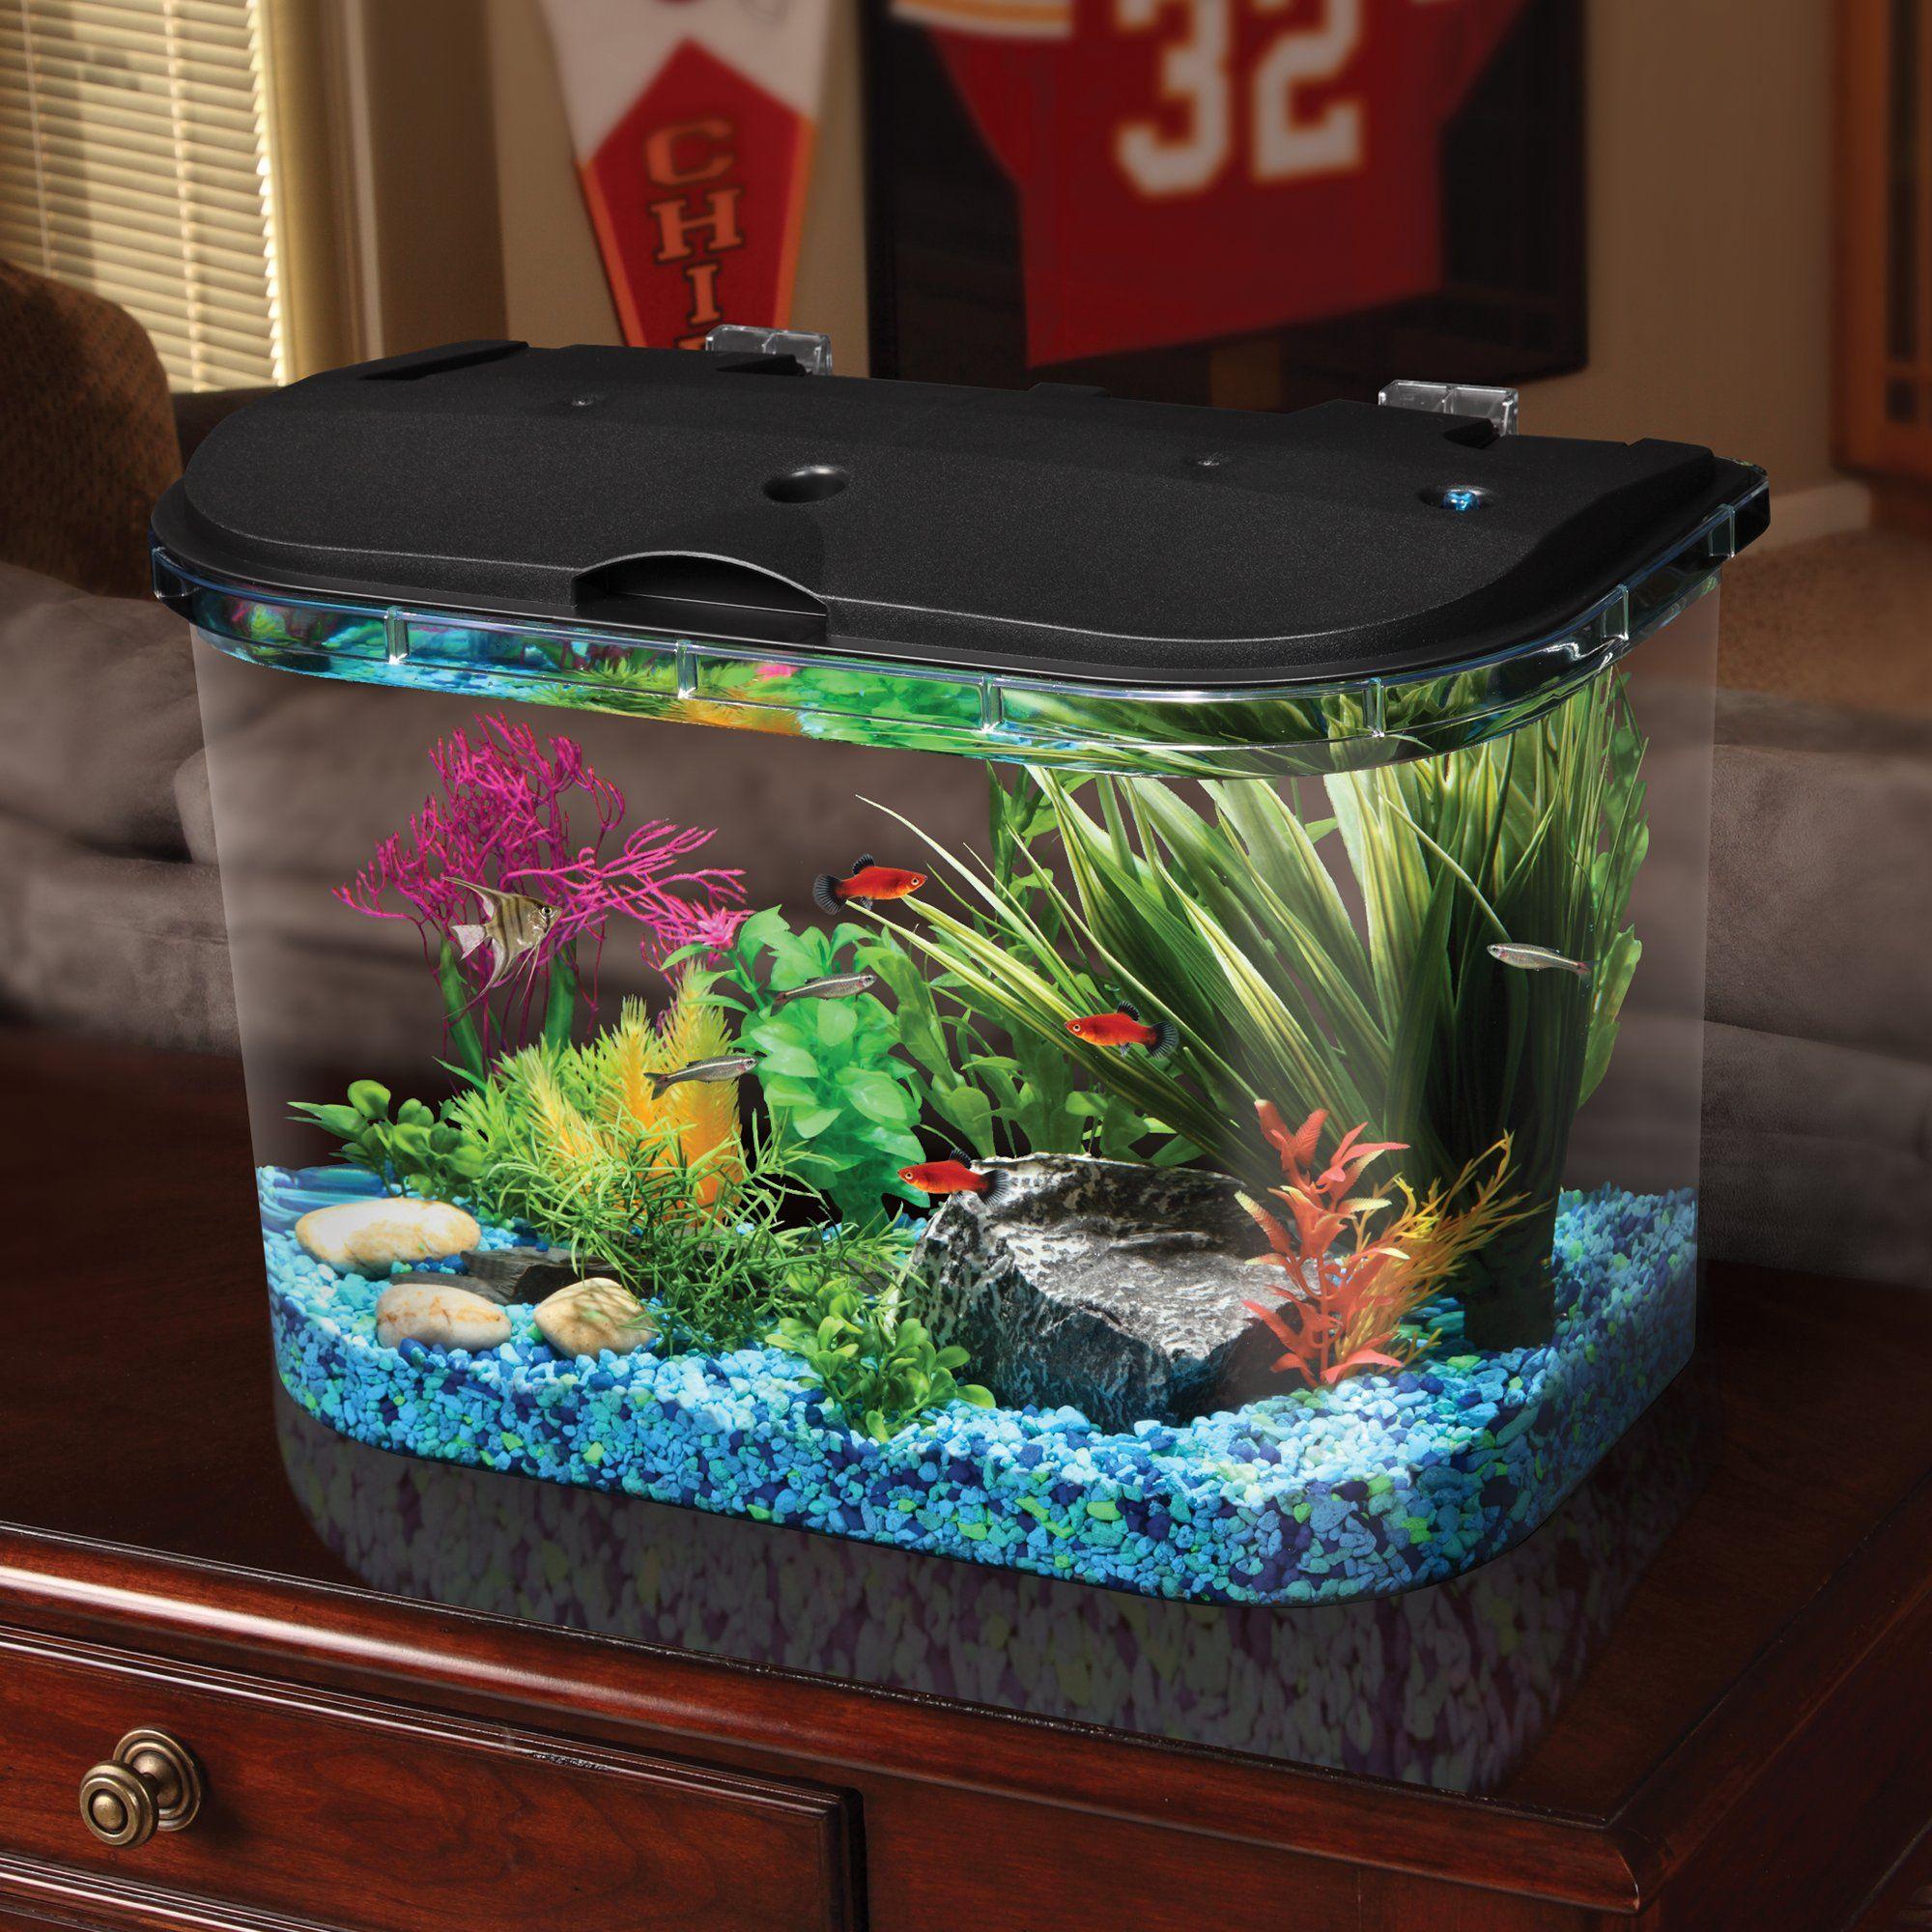 Imagitarium Freshwater Aquarium 5 2 Gallons Petco Store Big